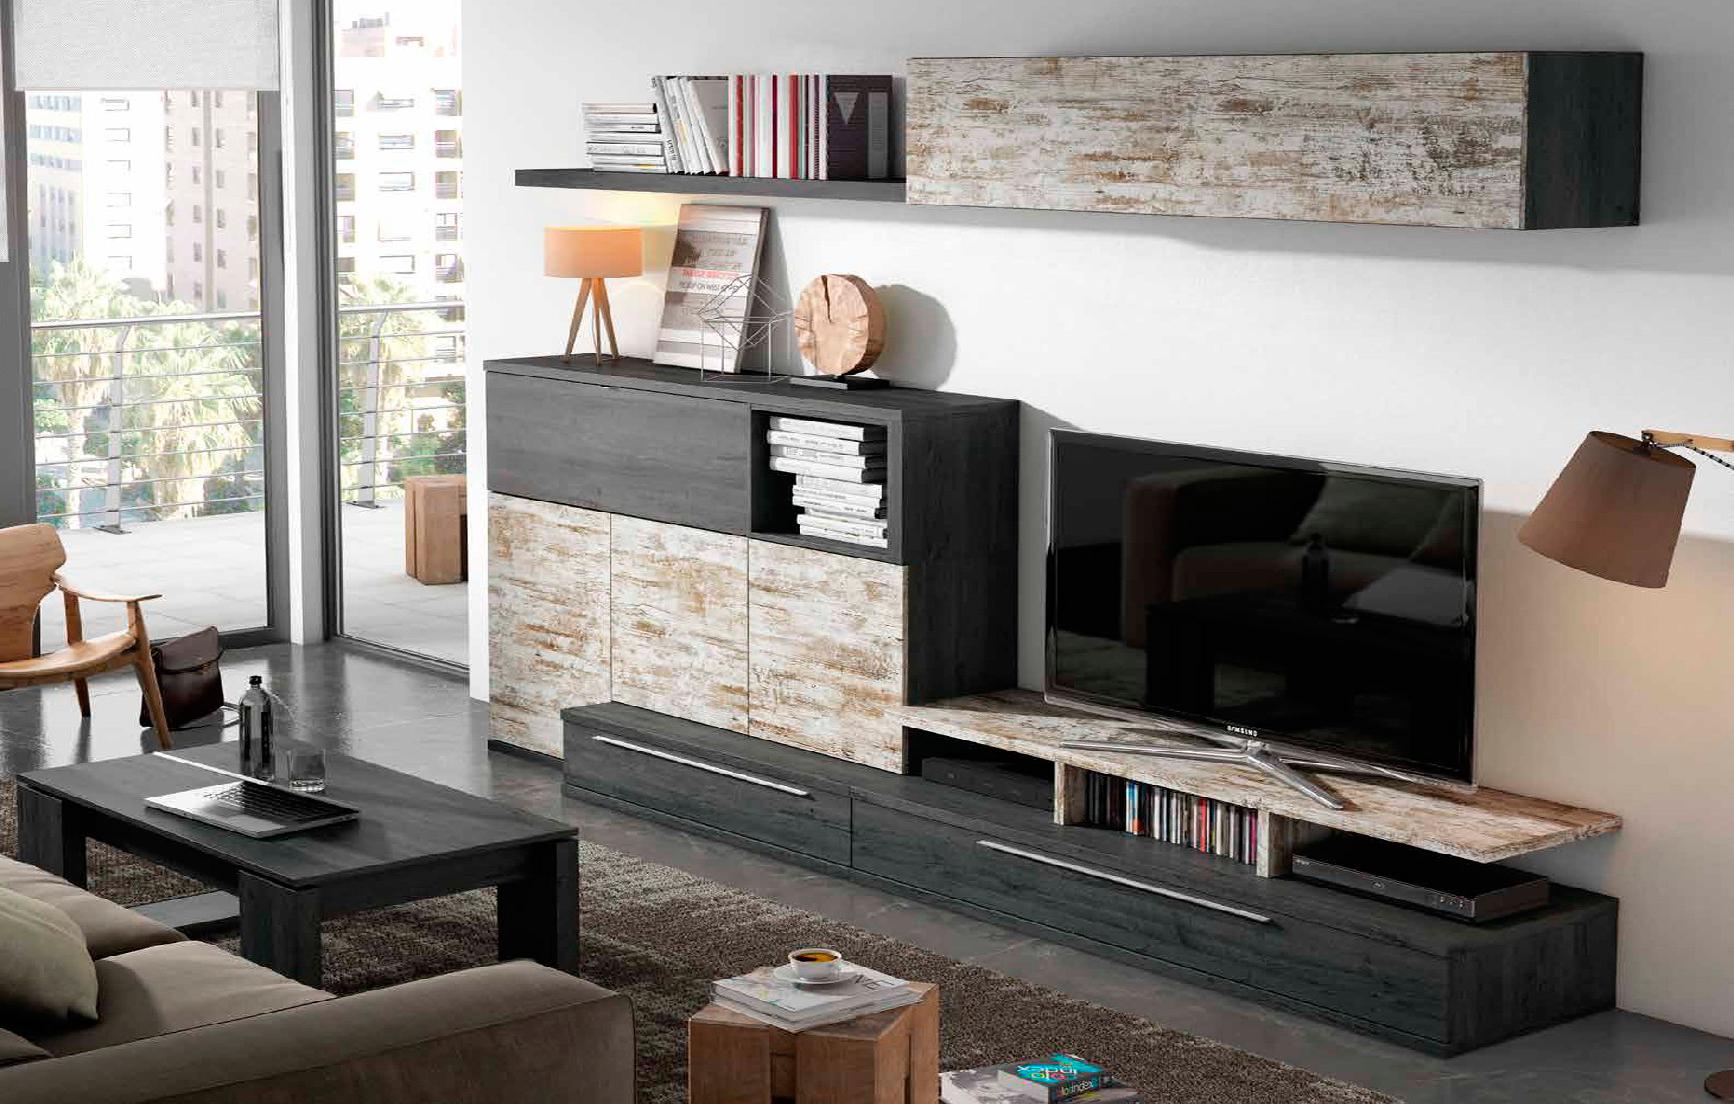 Tienda de muebles en madrid de salon mesas sillas sofas chaiselonge sillones dormitorio - Fabricantes de muebles de salon ...